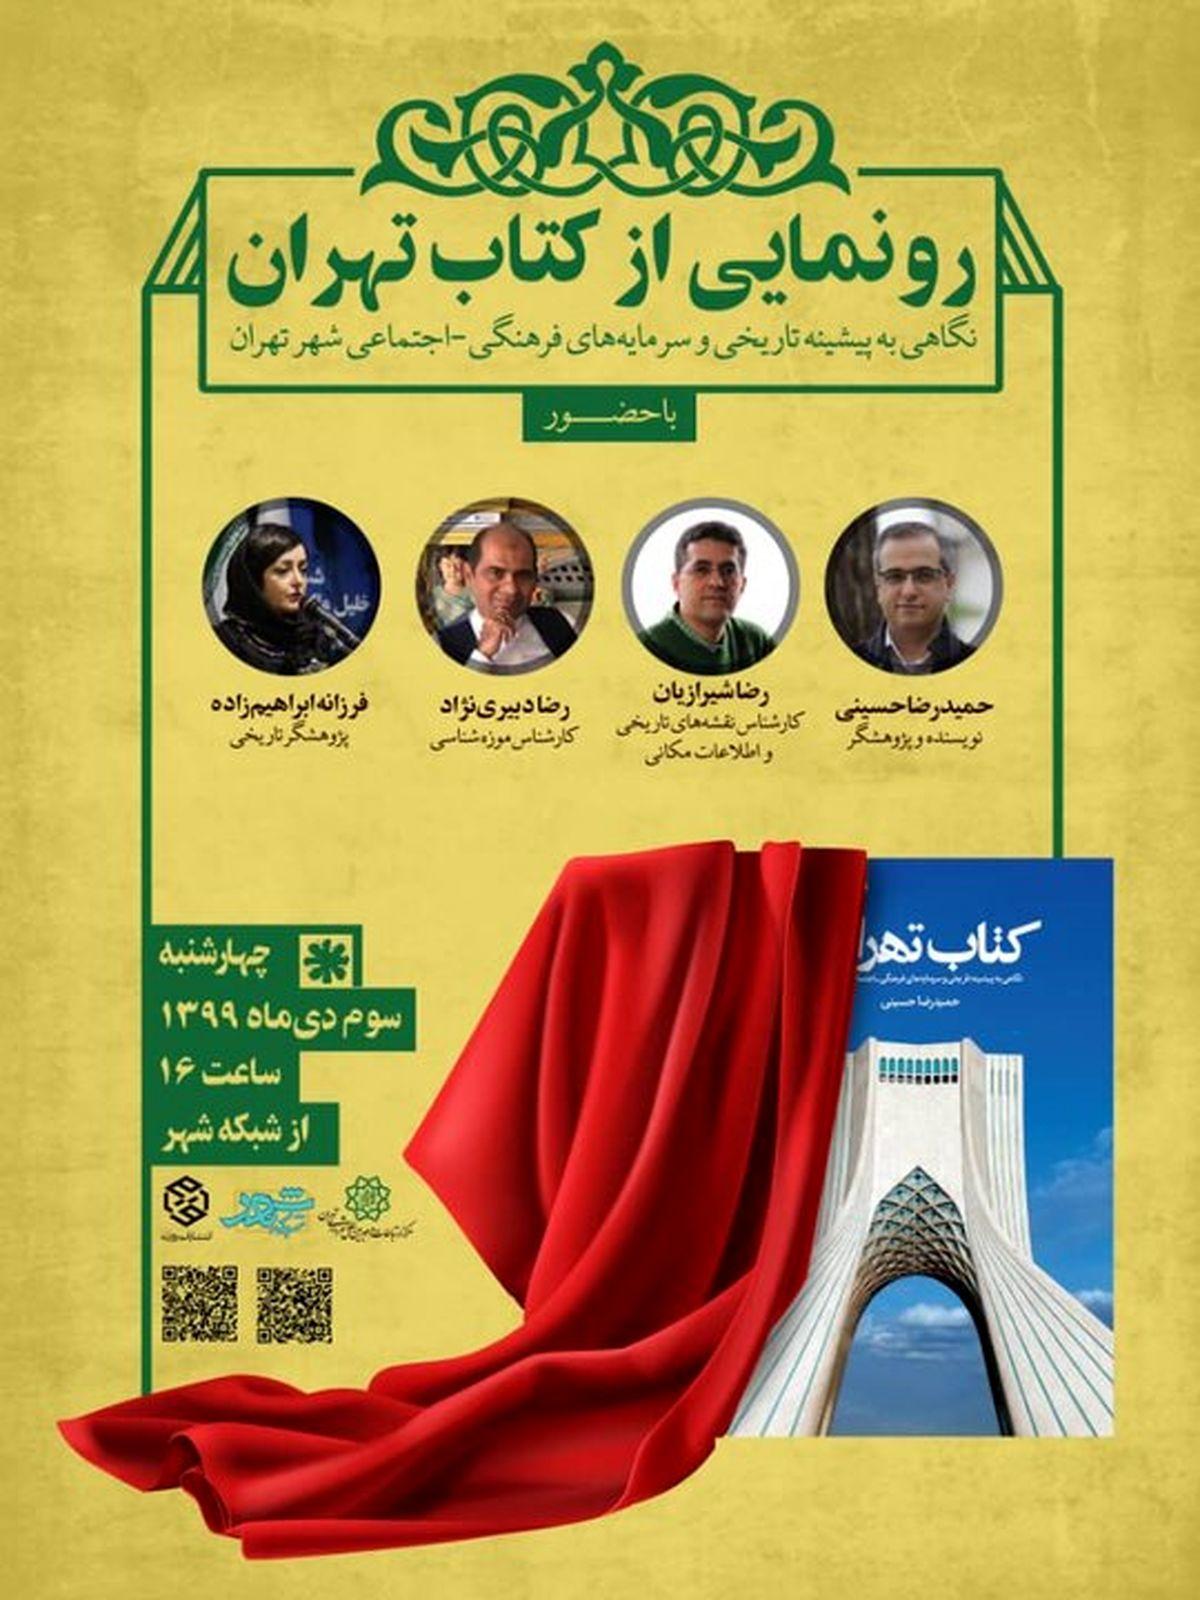 رونمایی از کتاب تهران